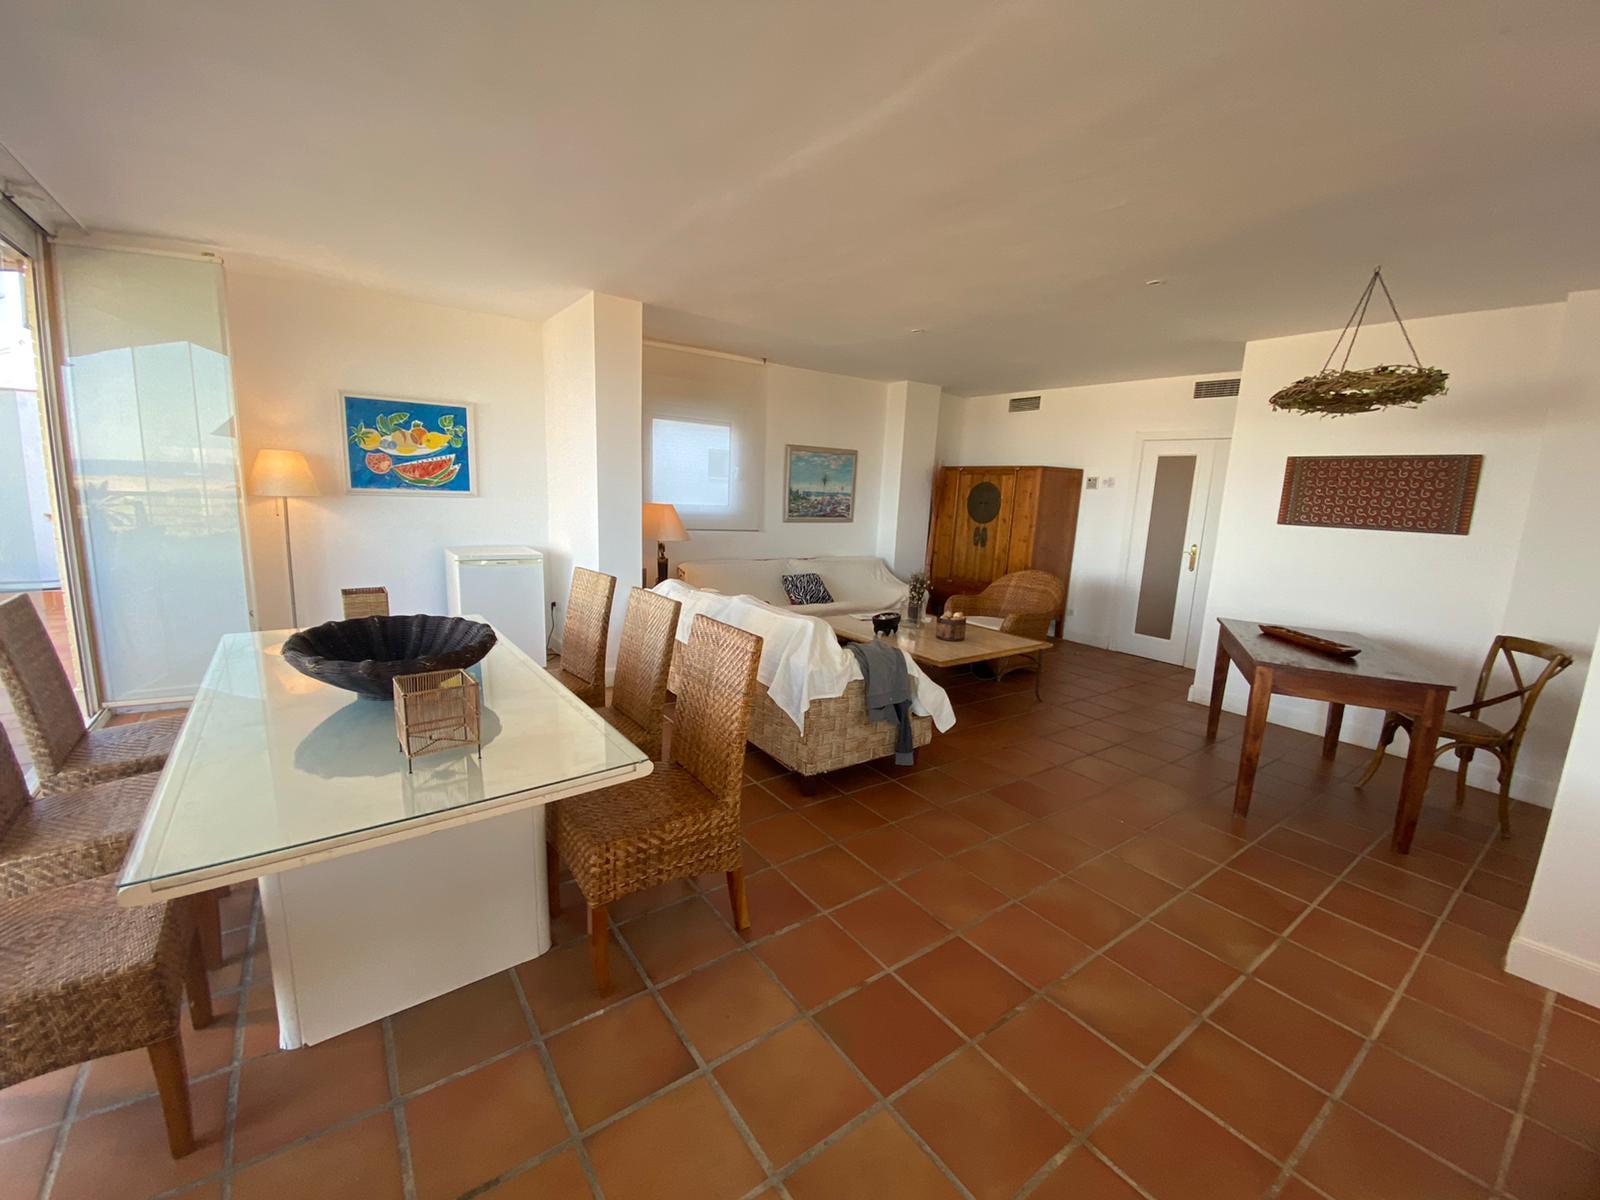 Imagen 40 del Apartamento Turístico, Ático 4 Levante, Frontal (4d+2b), Punta del Moral (HUELVA), Paseo de la Cruz nº22